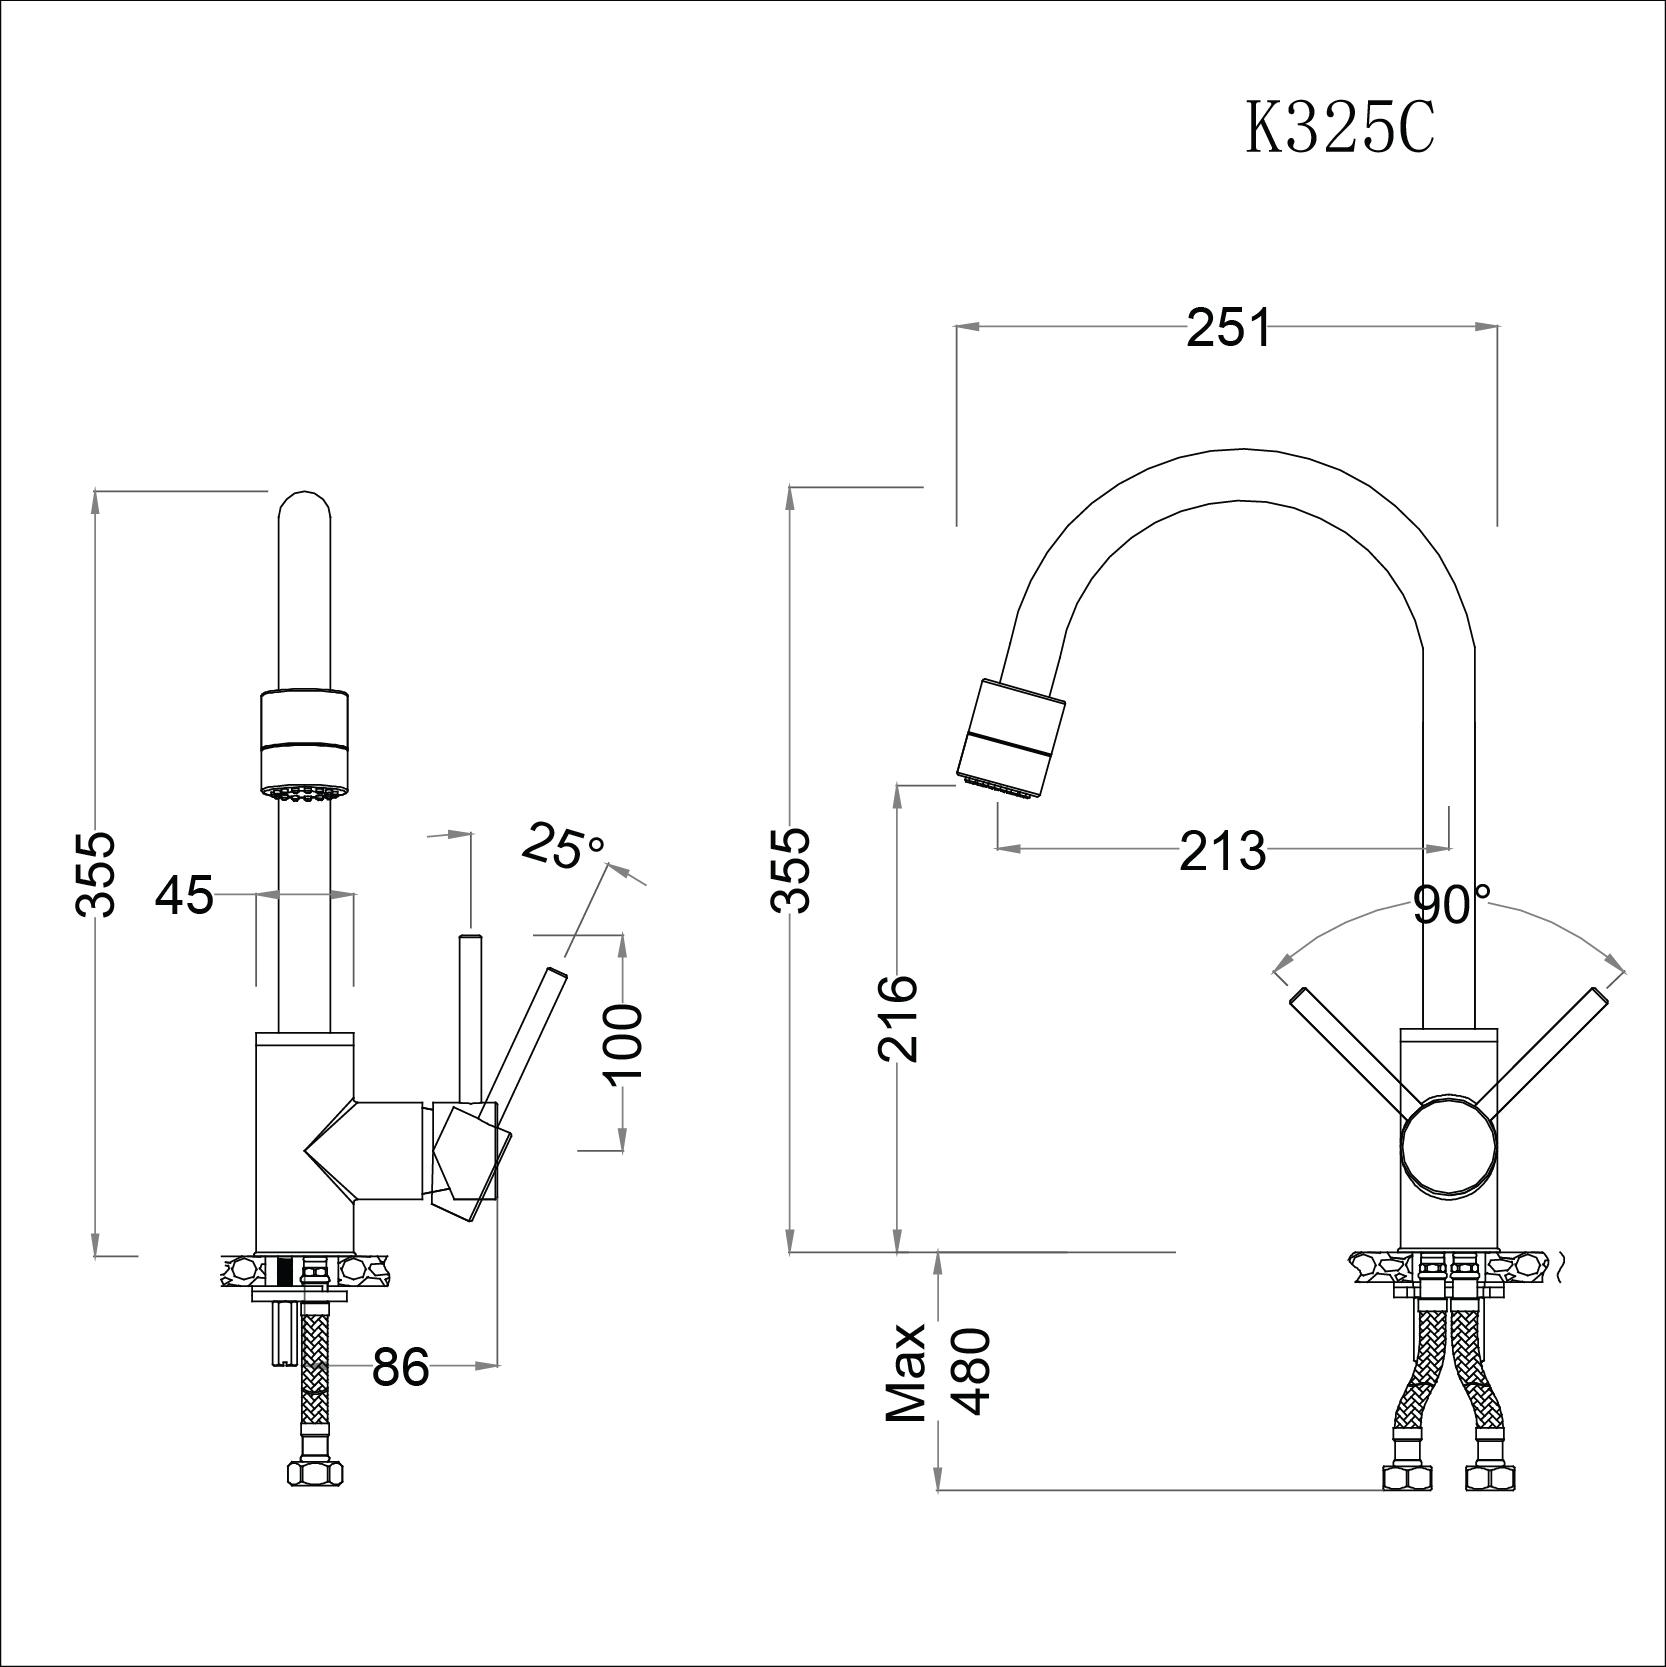 Vòi rửa bát (chén) nóng lạnh gắn chậu cổ cao 355 mm - Caesar K325C đầu vòi điều chỉnh được  03 chế độ xả